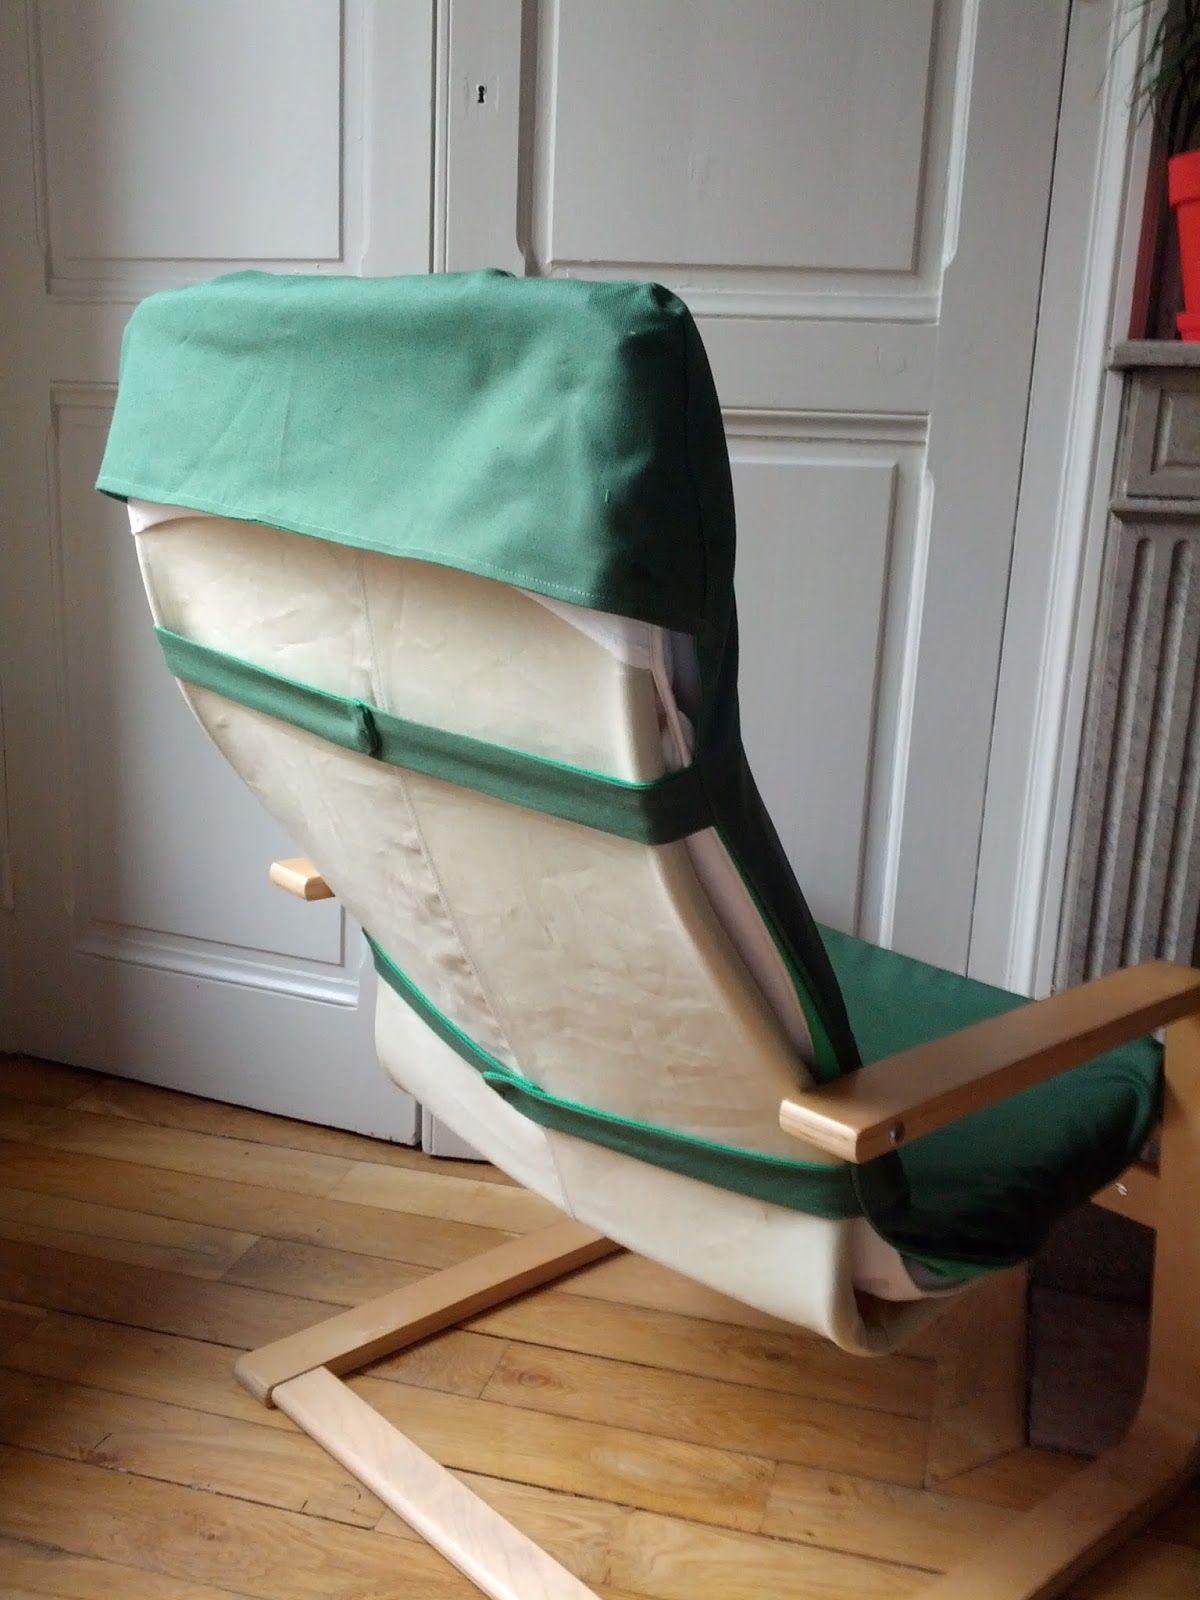 Les 25 meilleures id es de la cat gorie fauteuil poang sur for Coudre housse fauteuil